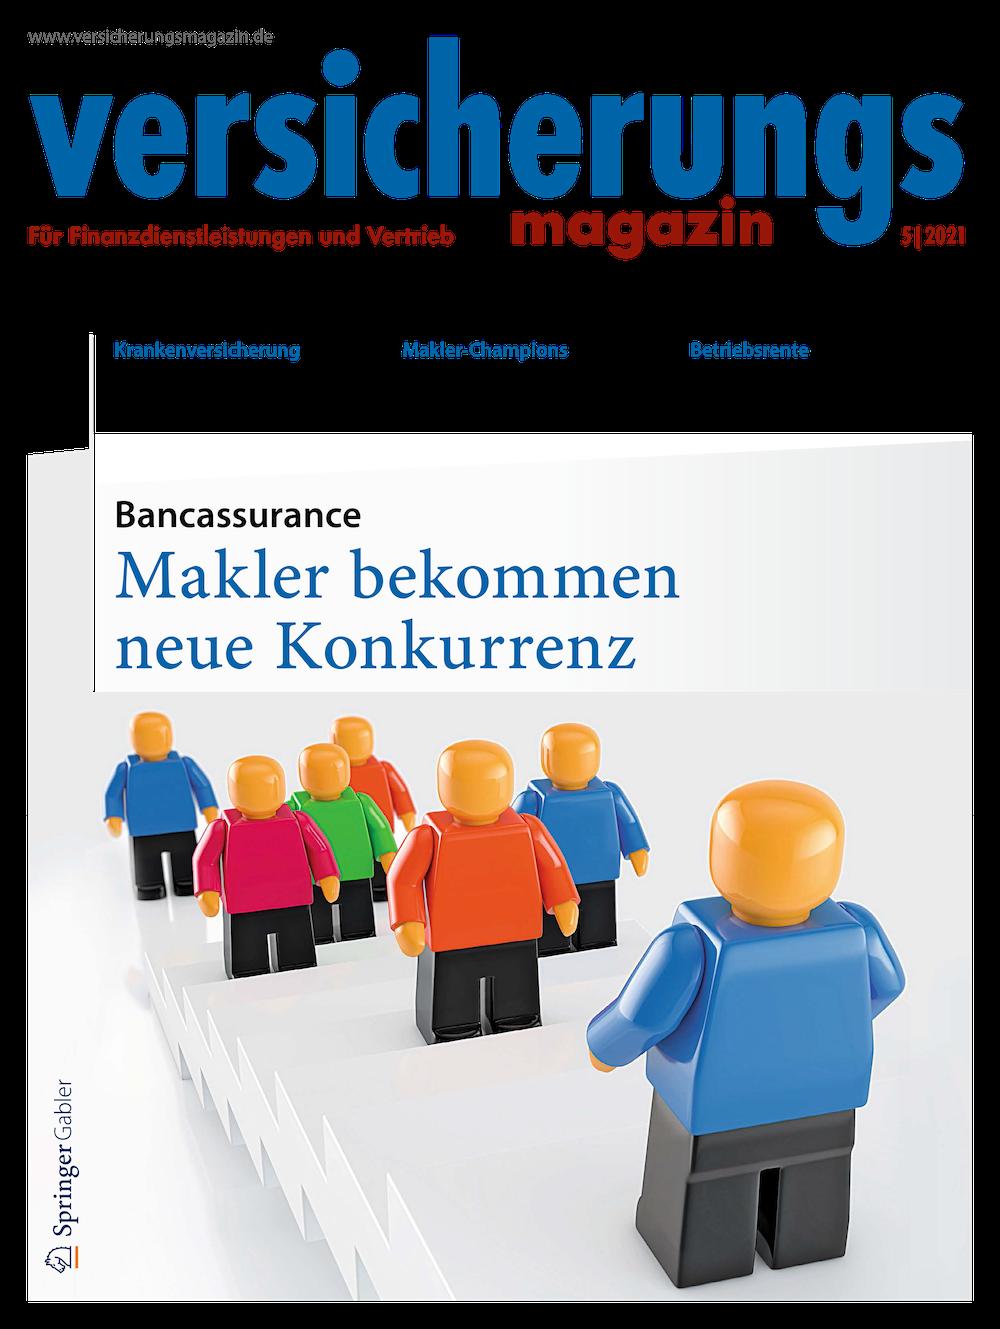 Cover des Versicherungsmagazins